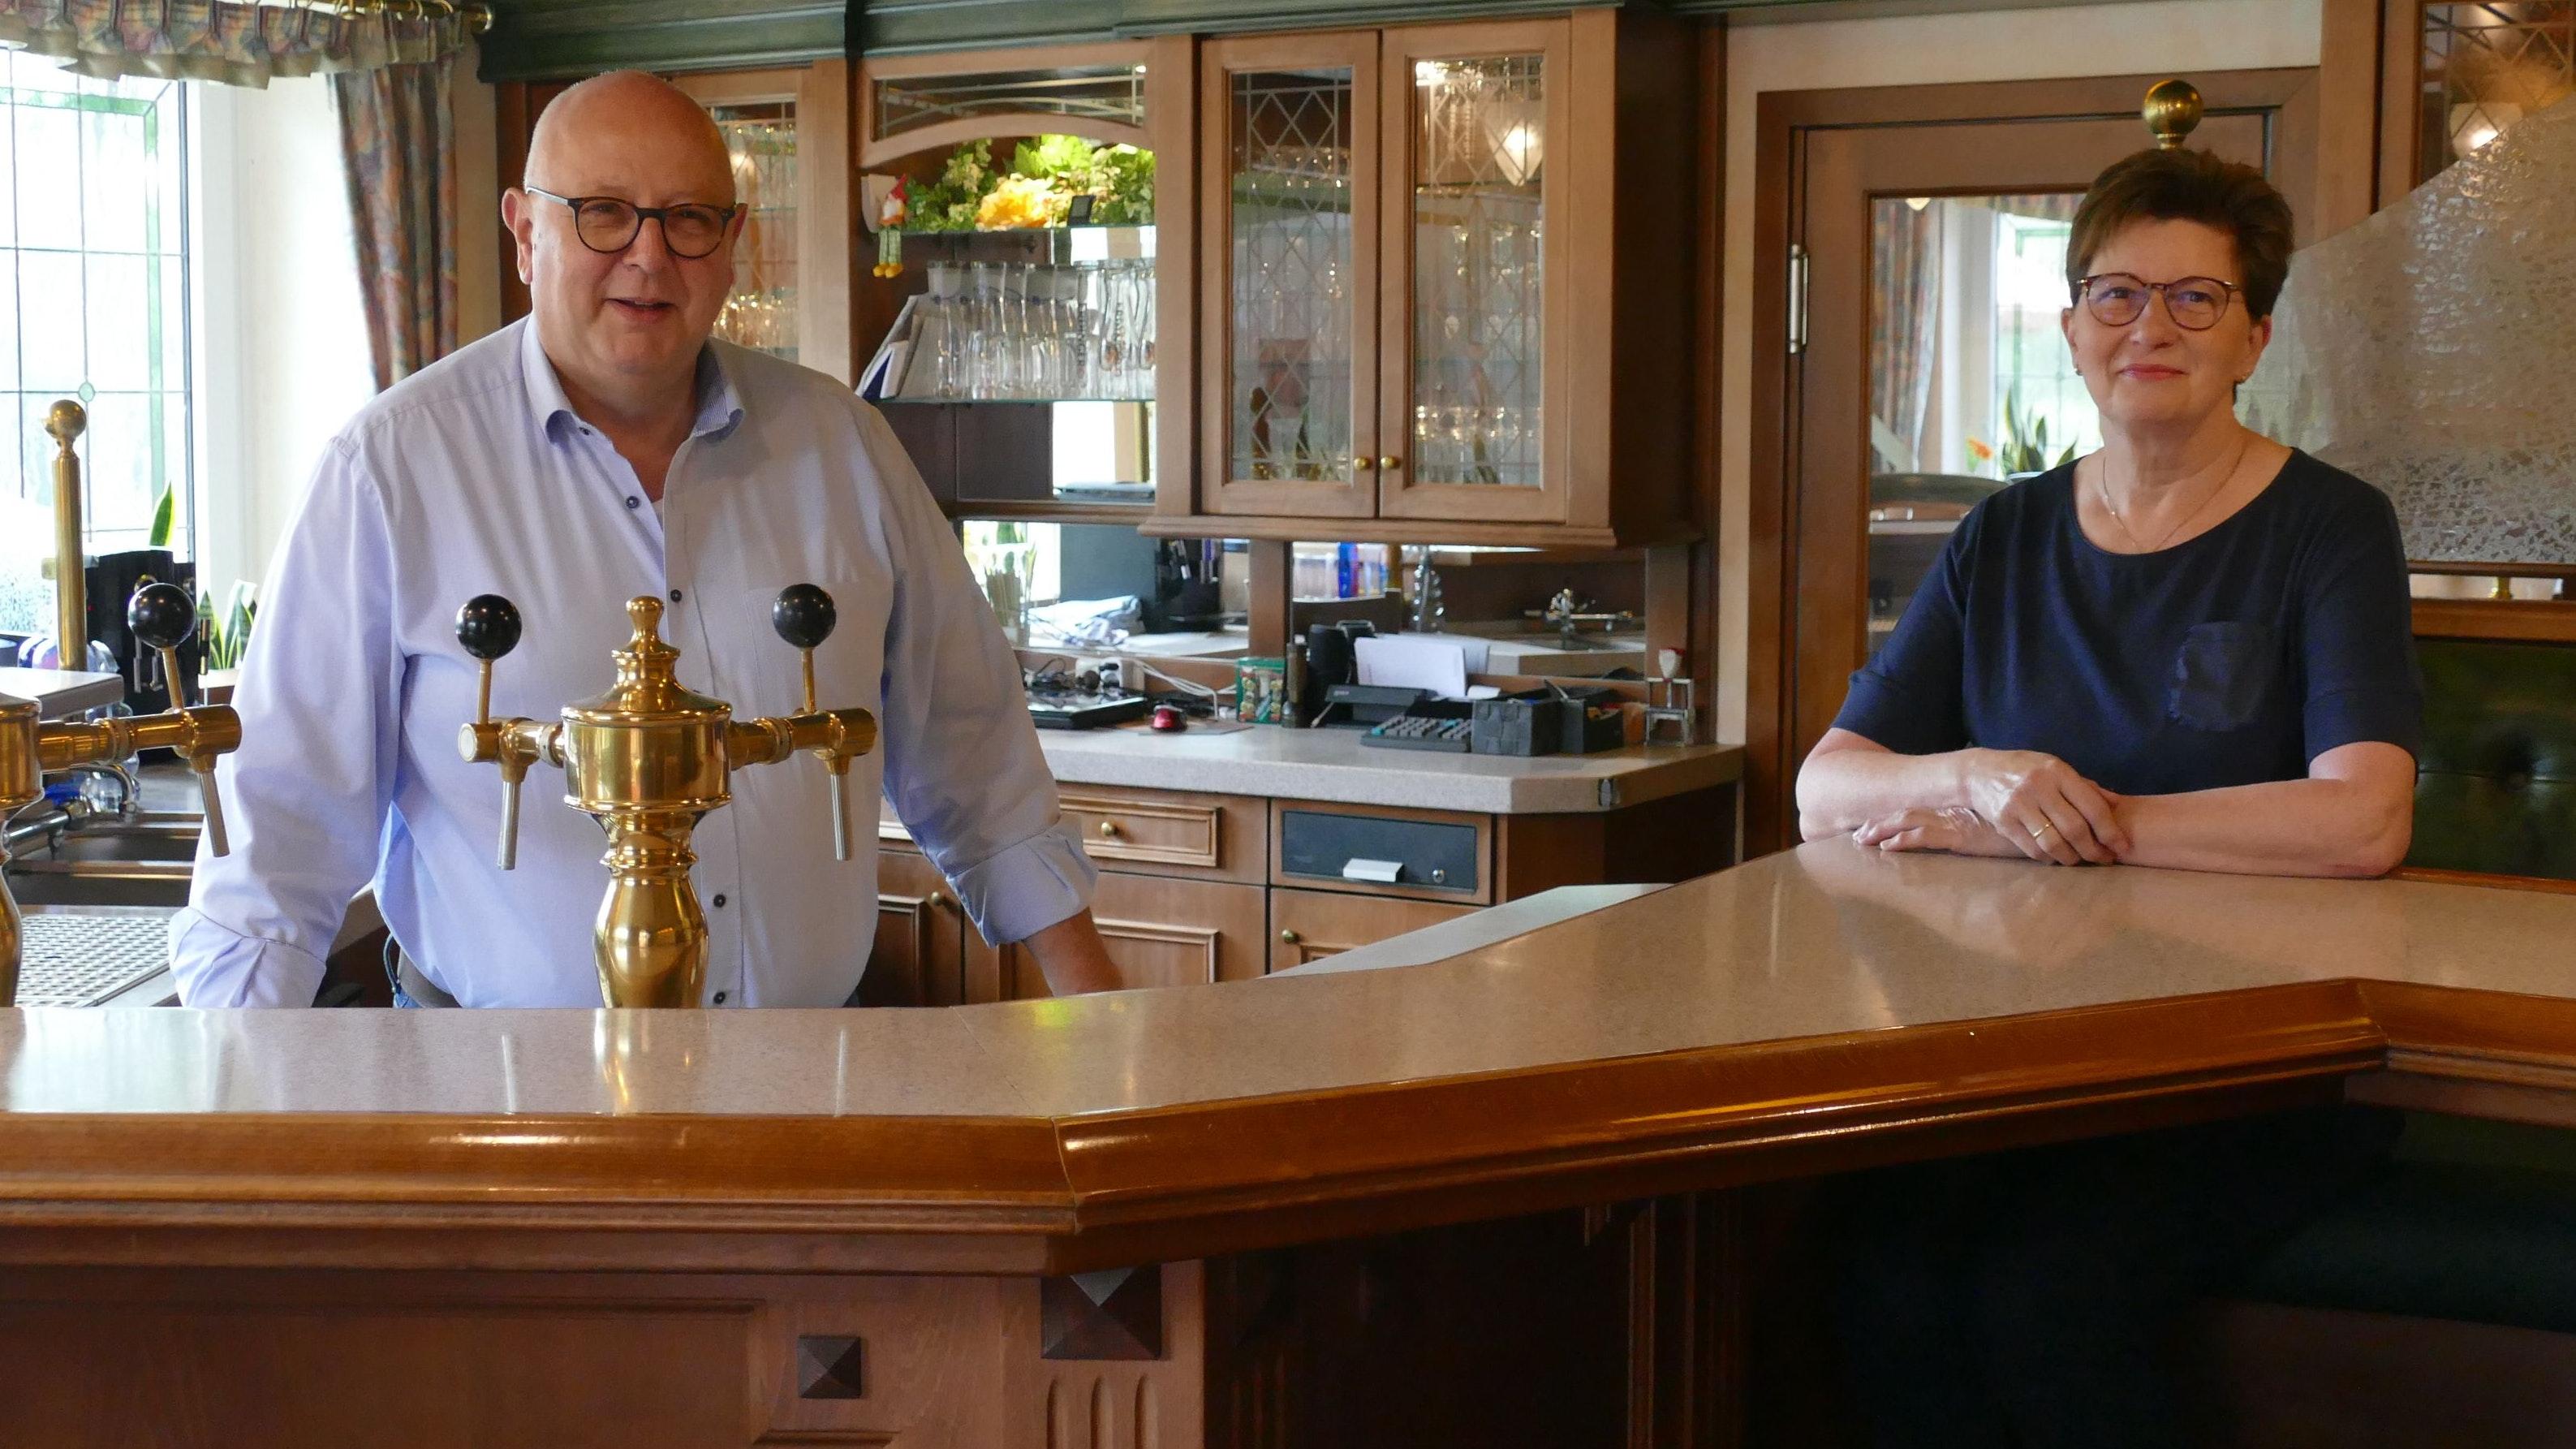 Am 28. November ist Schluss: Marlies und Franz-Josef Schubert schließen den 1971 gegründeten Gasthof Schubert mit einem lachenden und einem weinenden Auge. Das Ehepaar stand 40 Jahre lang gemeinsam Tag für Tag am Tresen und in der Küche. Foto: Stix